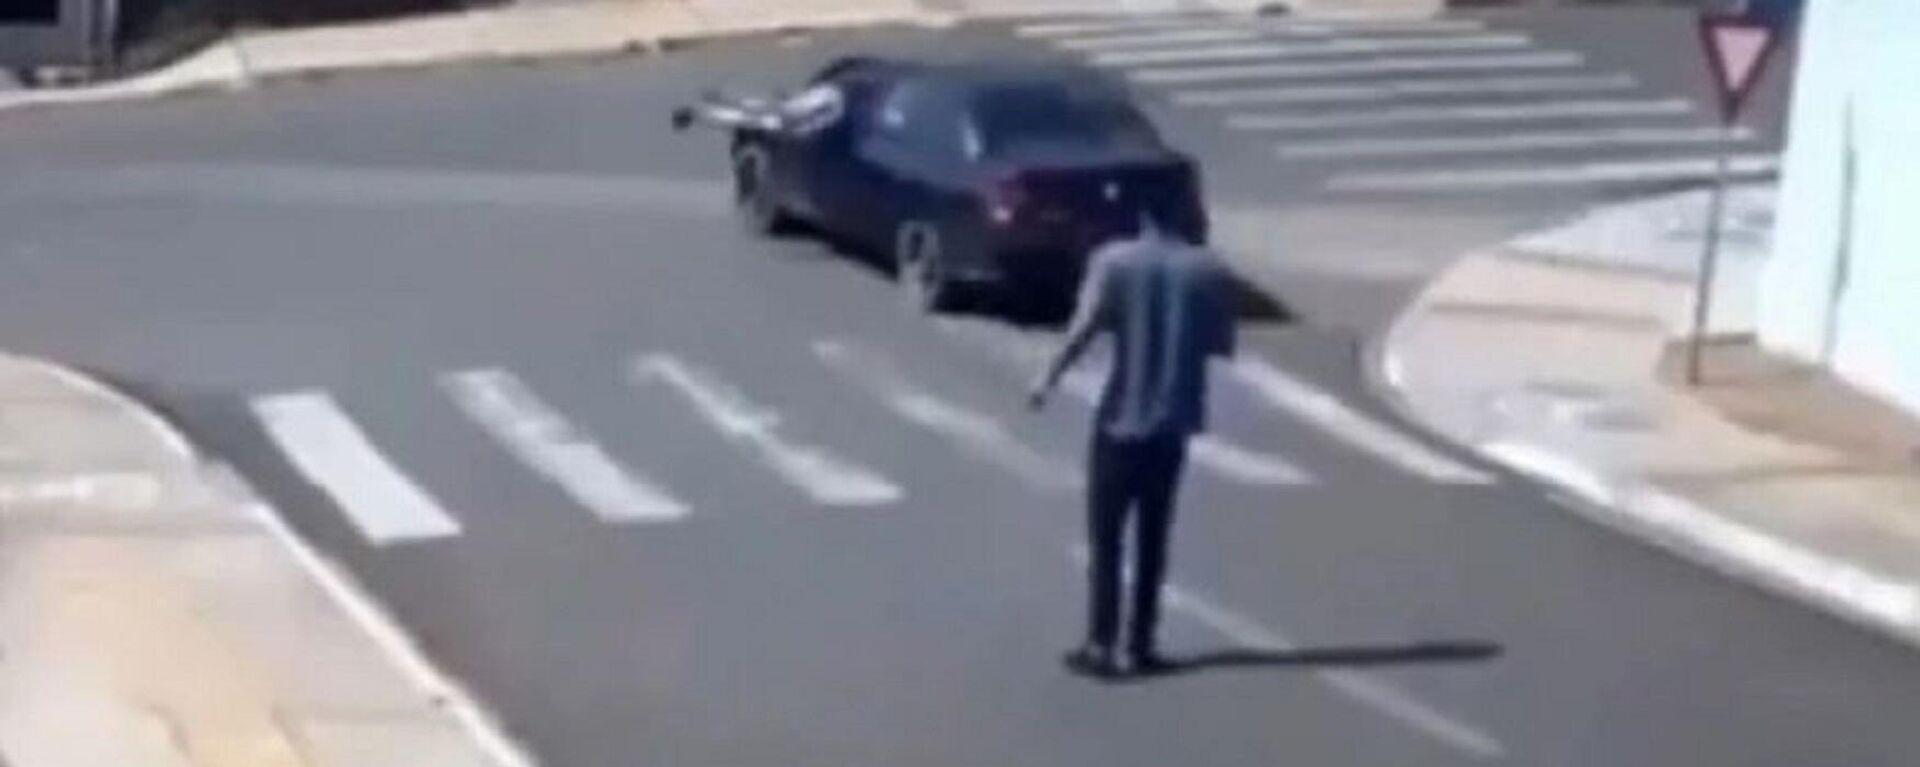 Πήδηξε μέσα σε αυτοκίνητο που έτρεχε χωρίς οδηγό και το σταμάτησε - Sputnik Ελλάδα, 1920, 01.09.2021